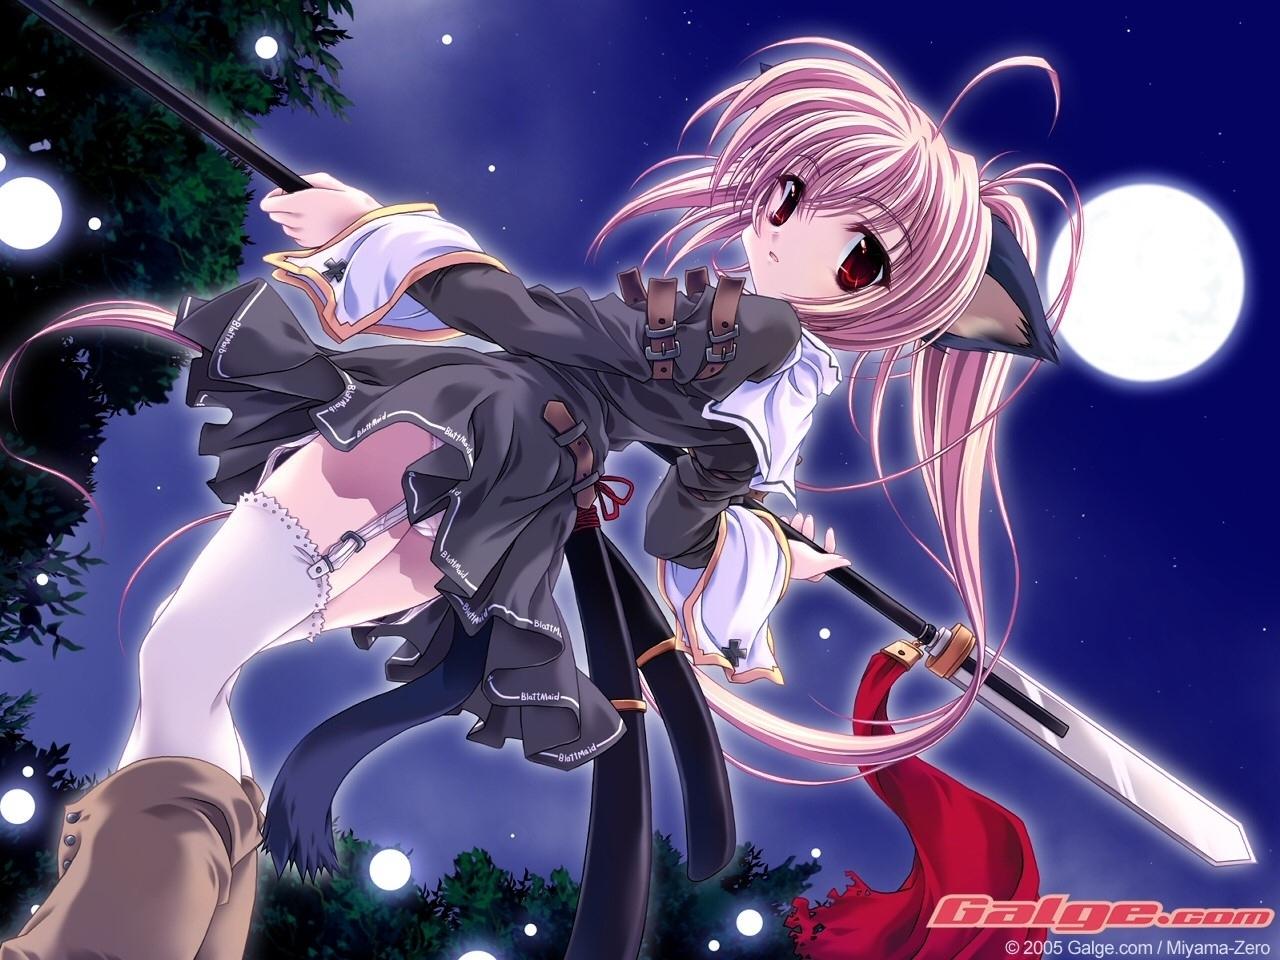 Wallapers neko anime   Taringa 1280x960